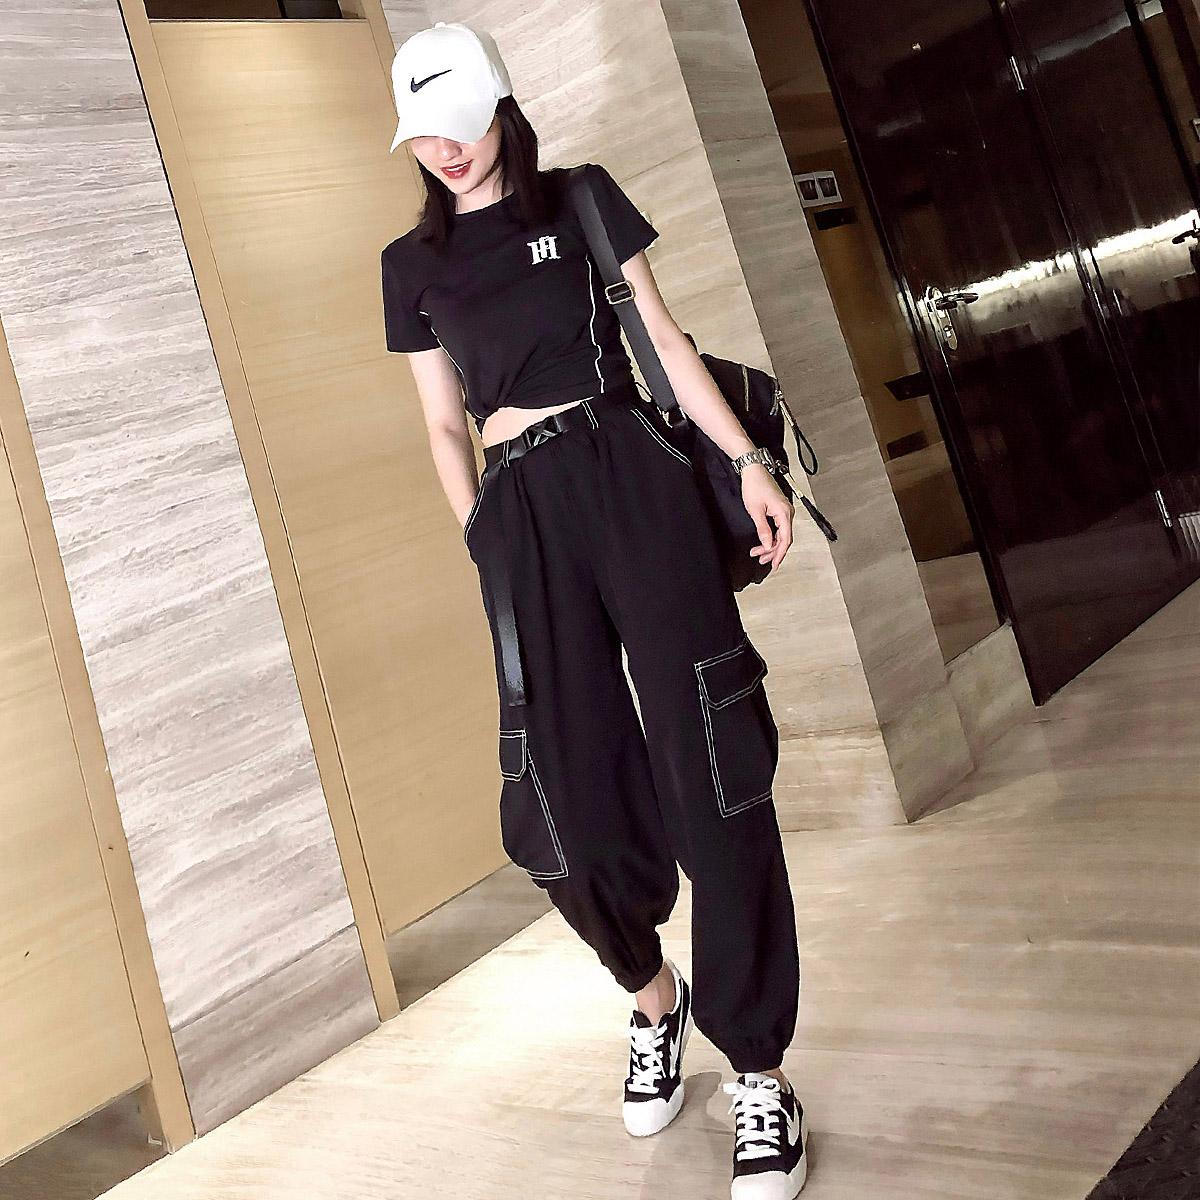 套装时尚女夏季薄款工装裤束脚9分裤哈伦裤宽松显瘦速干裤潮套装